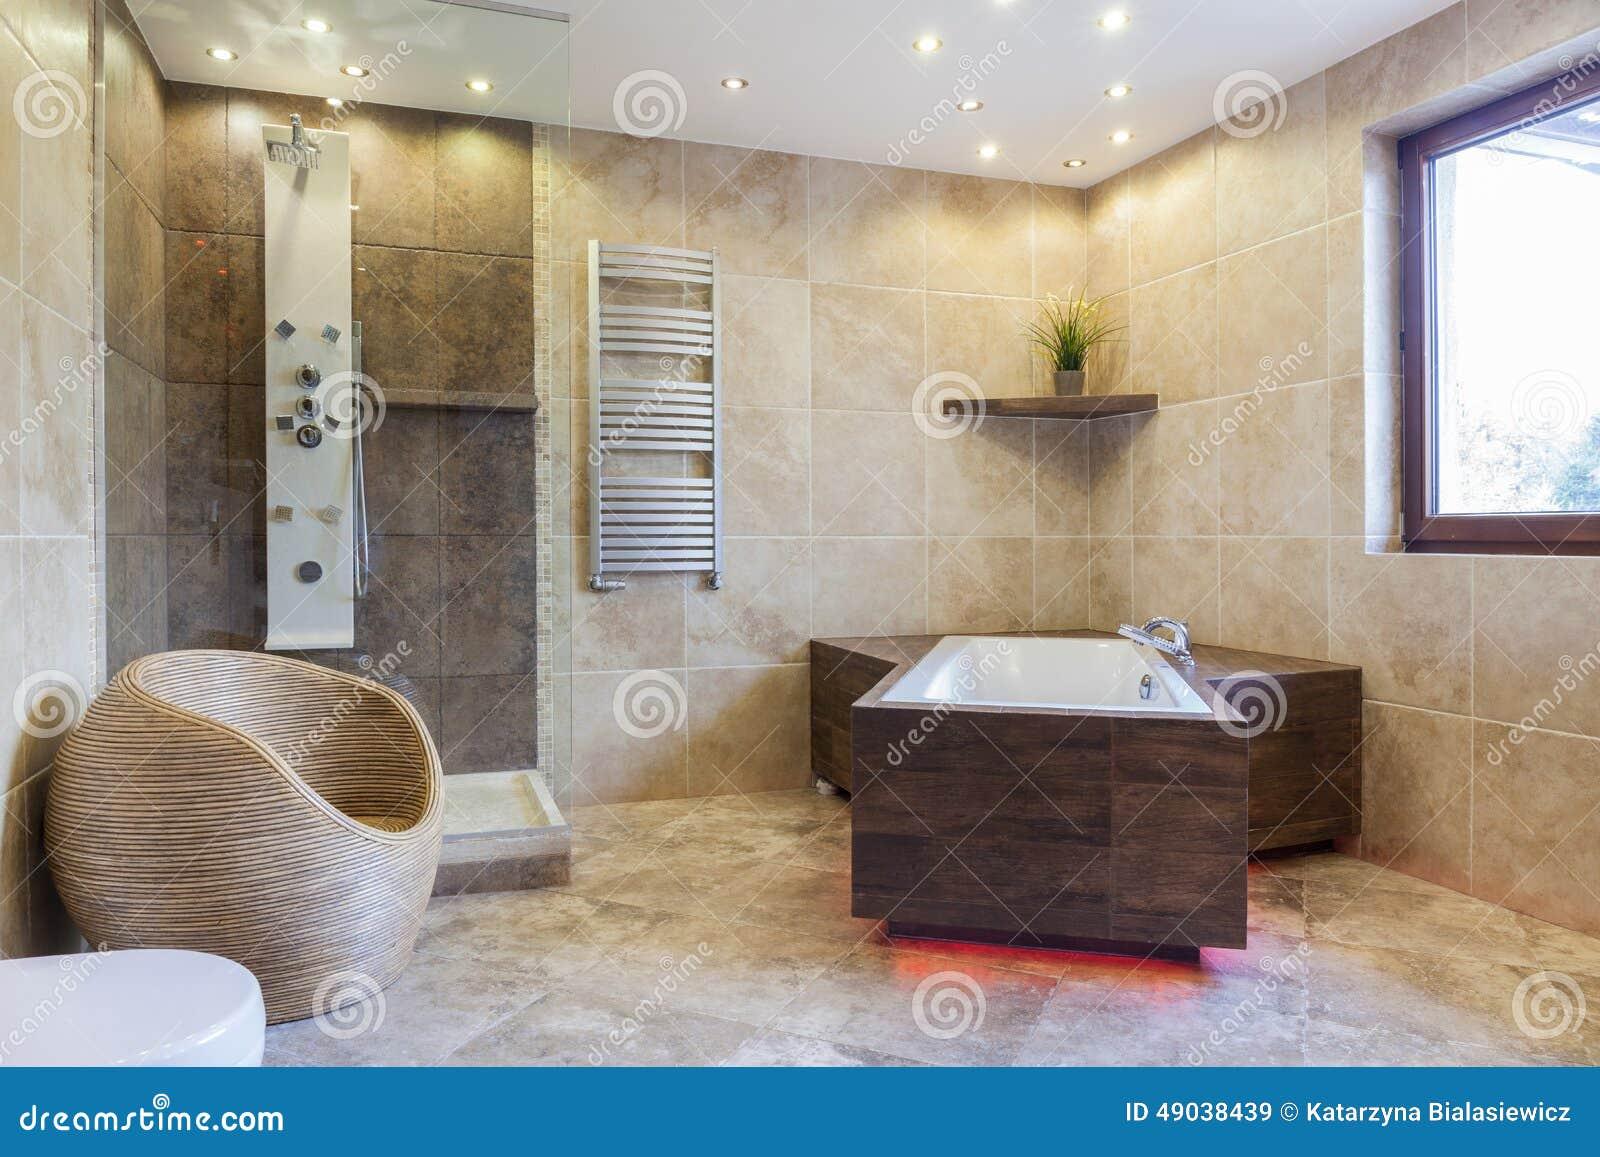 Grande Baignoire Dans Une Salle De Bains Image stock - Image du ...